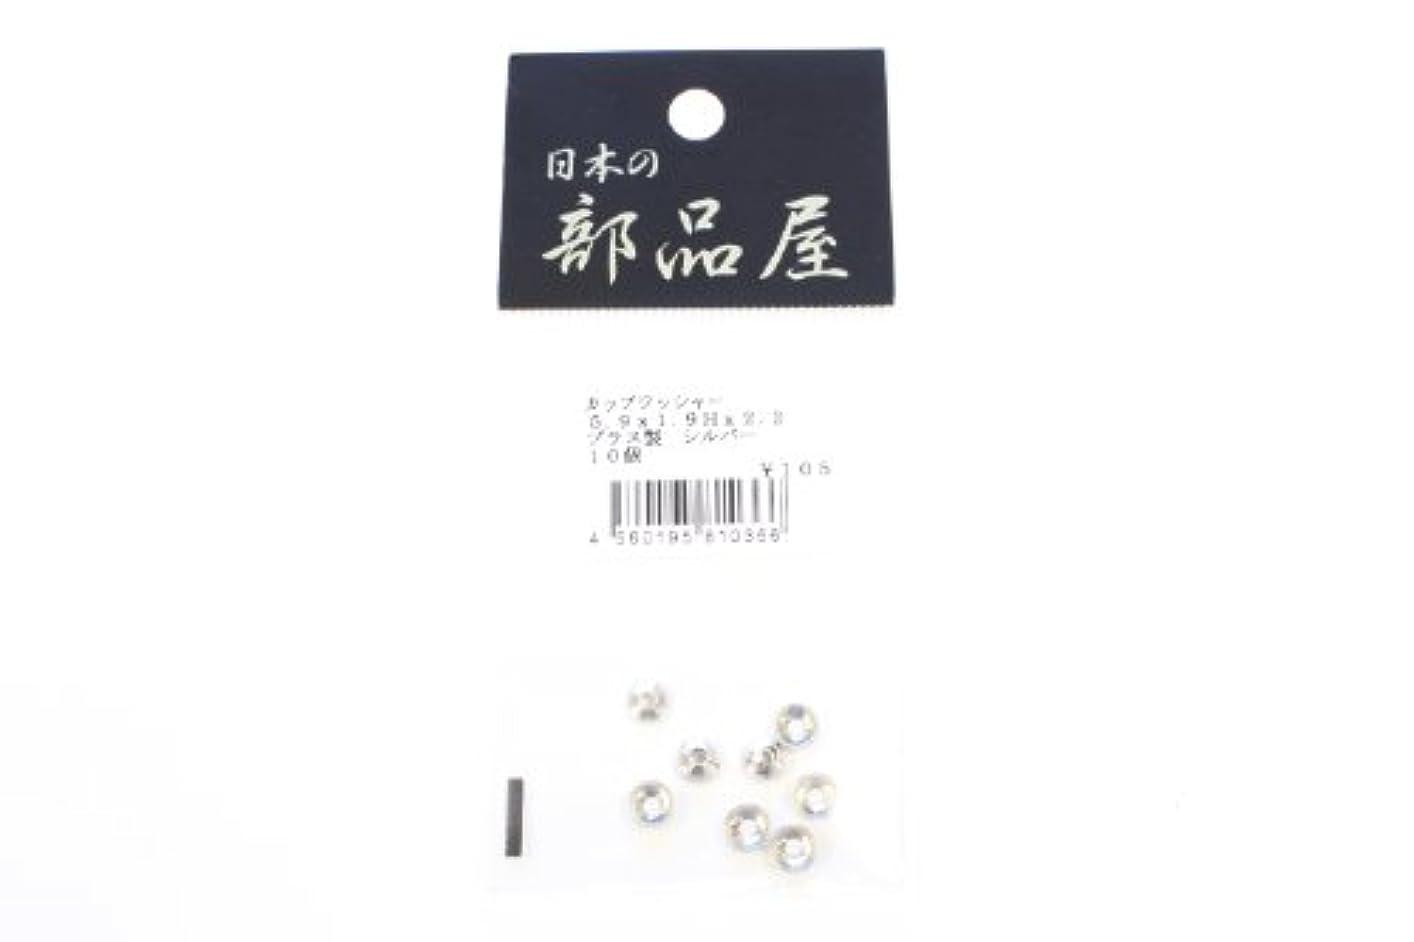 日本の部品屋 カップワッシャー5.9-1.9H 2.2(B)Ni